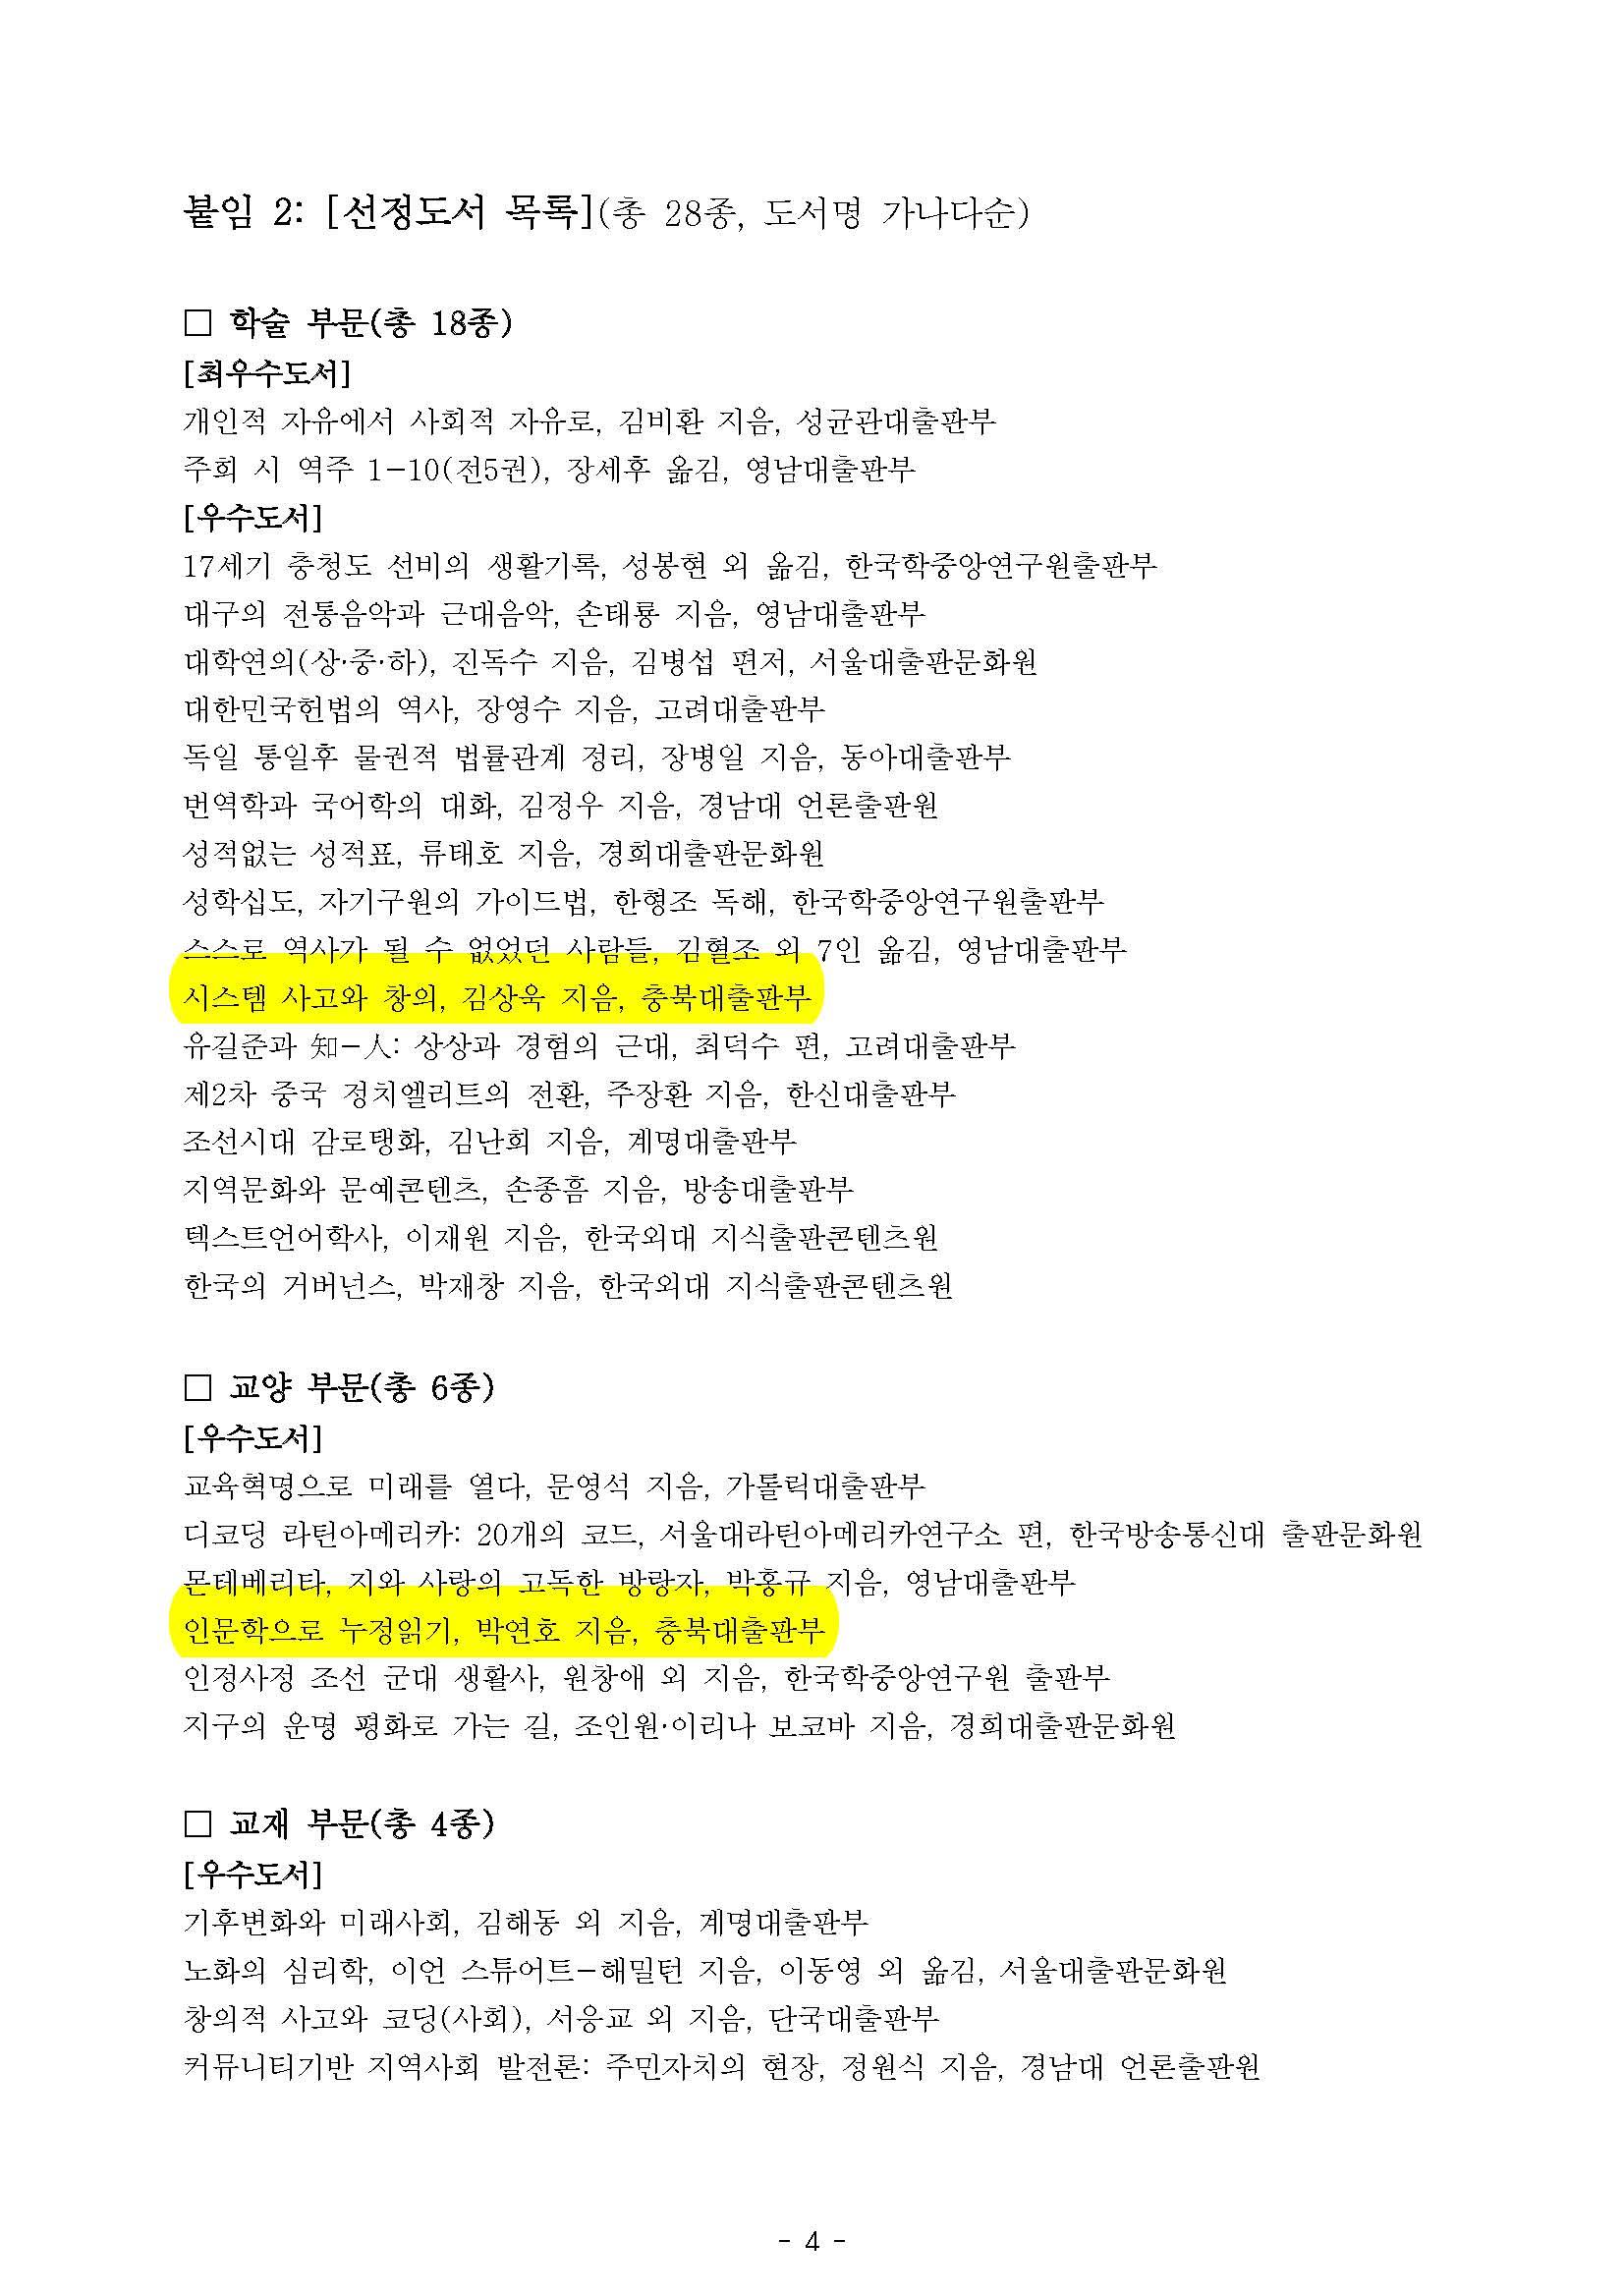 한국대학출판협회 보도자료-2018 올해의 우수도서 선정 결과-배포본_페이지_4.jpg